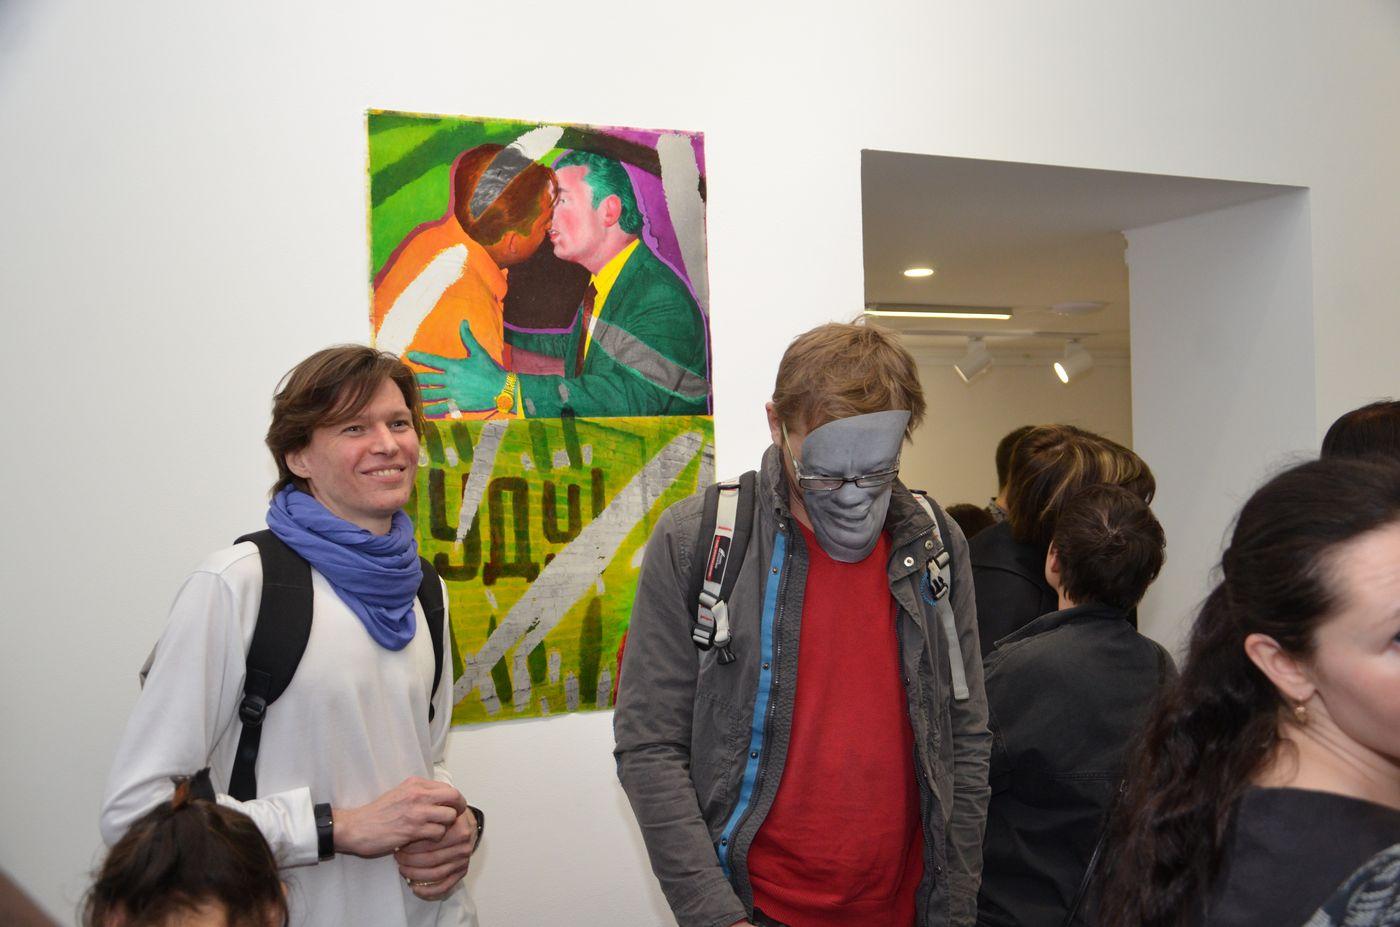 У муніципальній галереї відкрилася виставка авангардного мистецтва